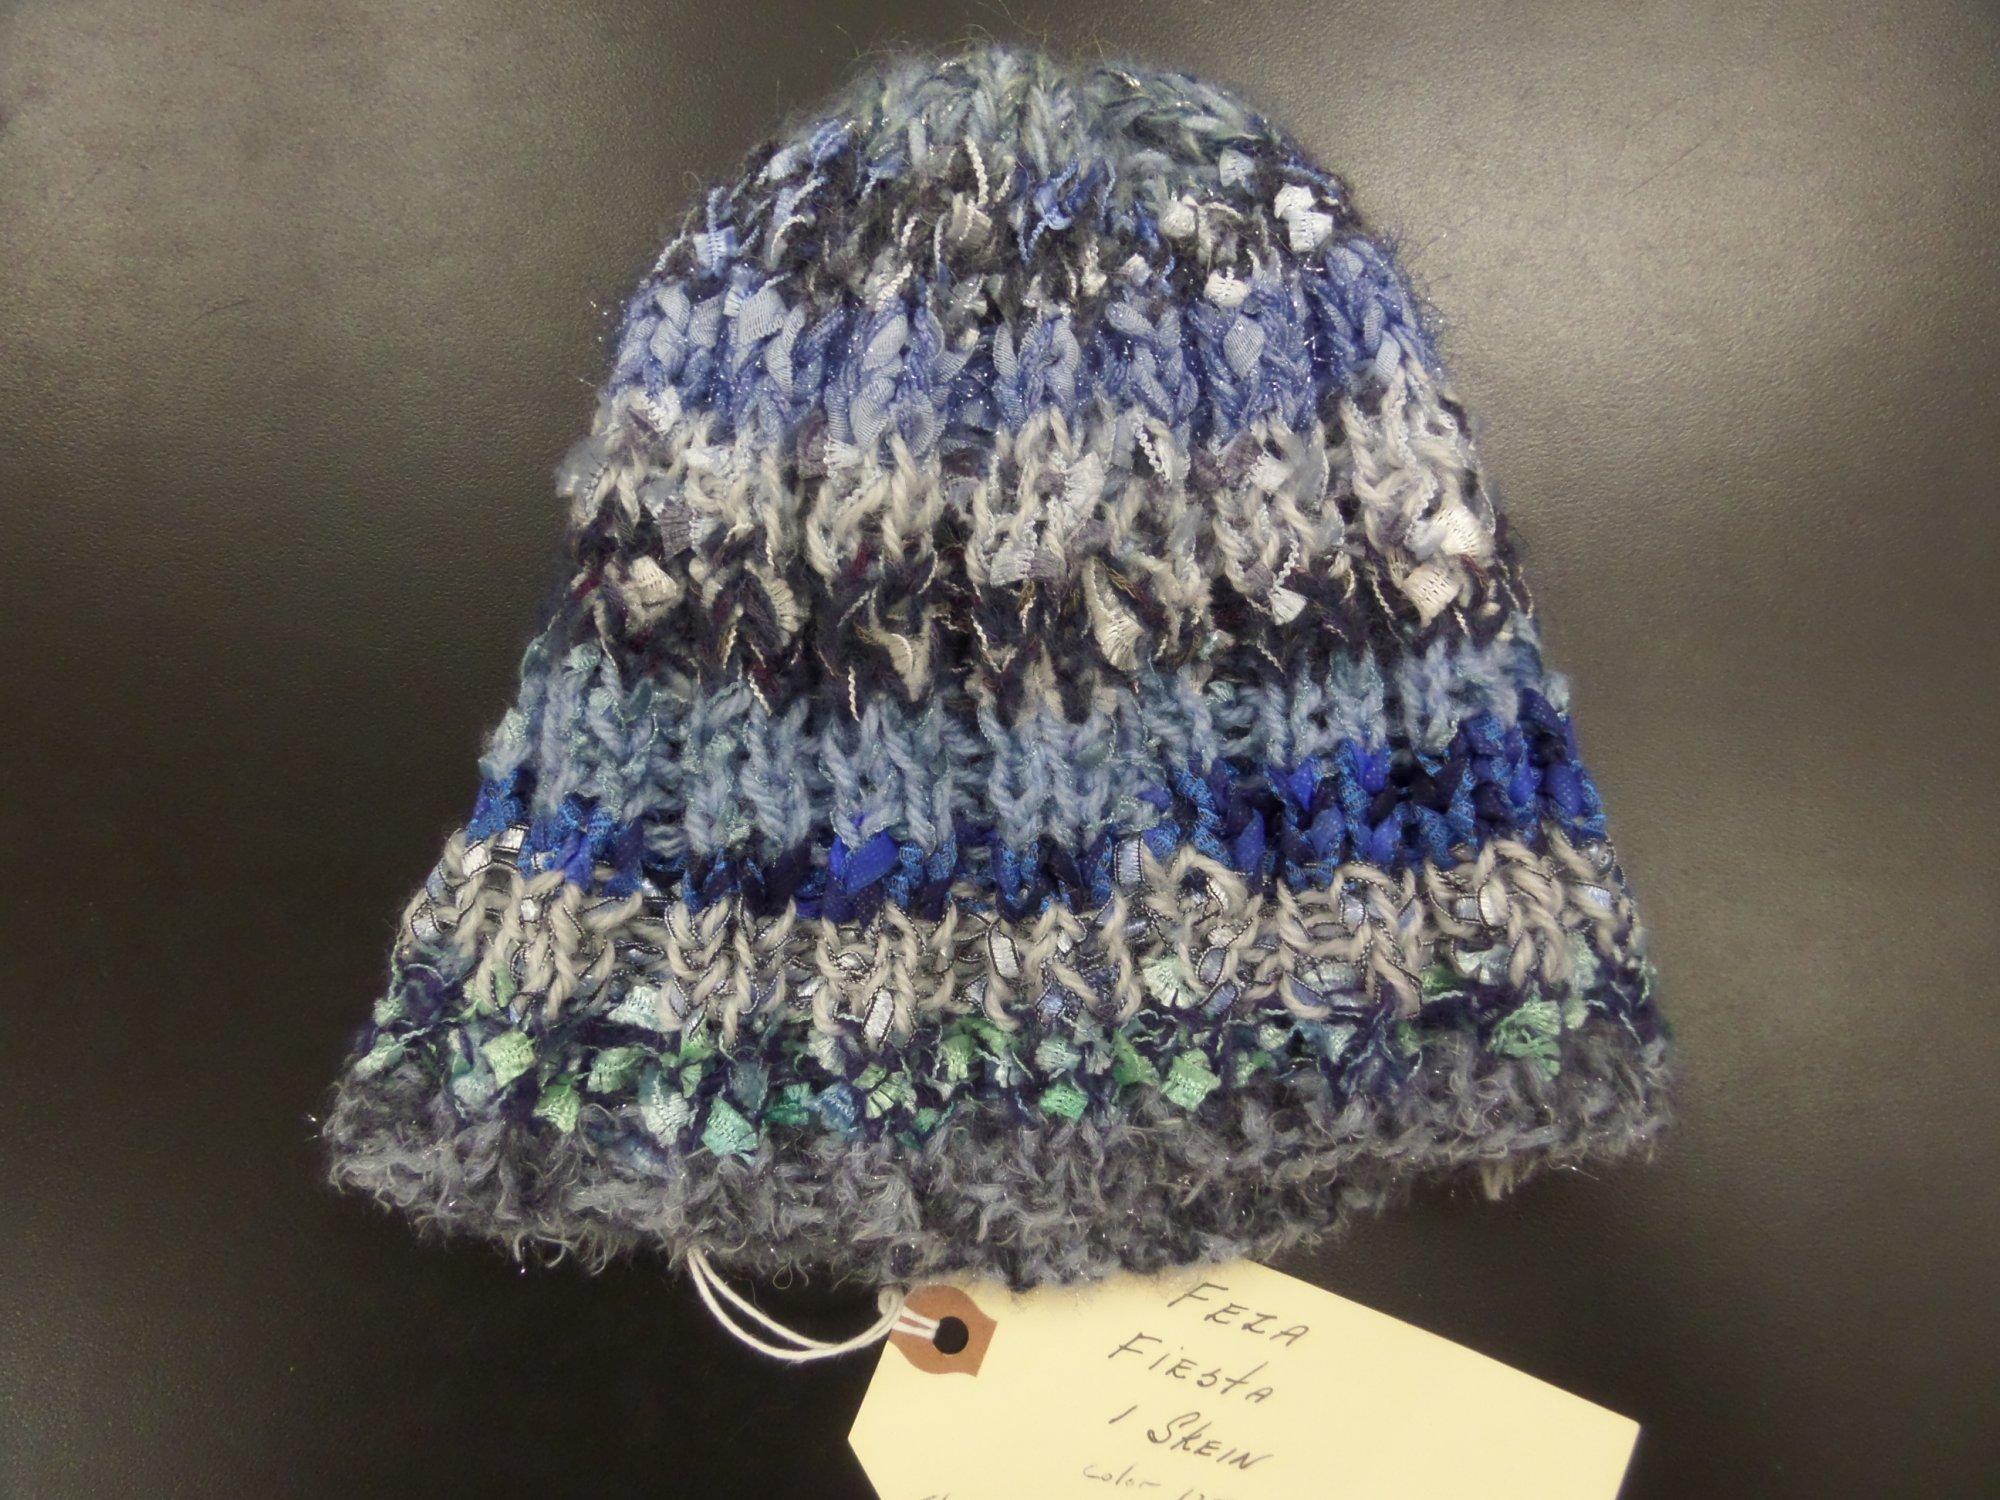 Hat model in Fiesta yarn from Feza